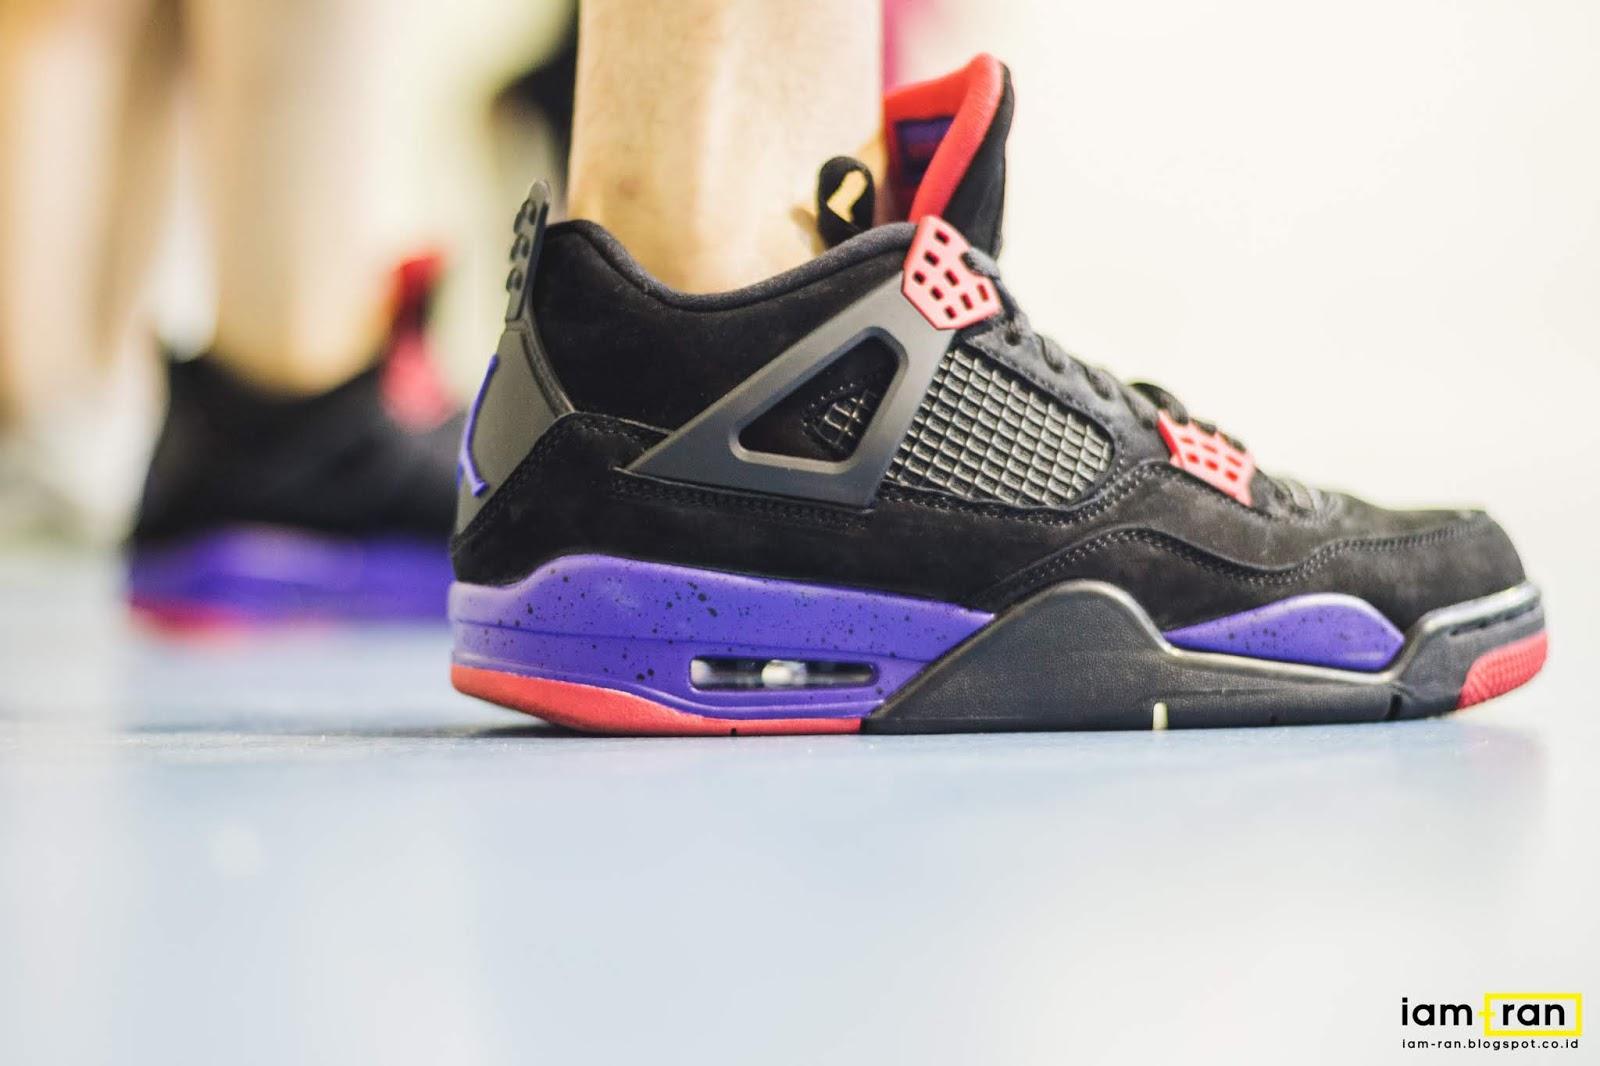 best authentic a7264 5bdf6 IAM-RAN: ON FEET : Timmy - Nike Air Jordan 4 NRG Raptor